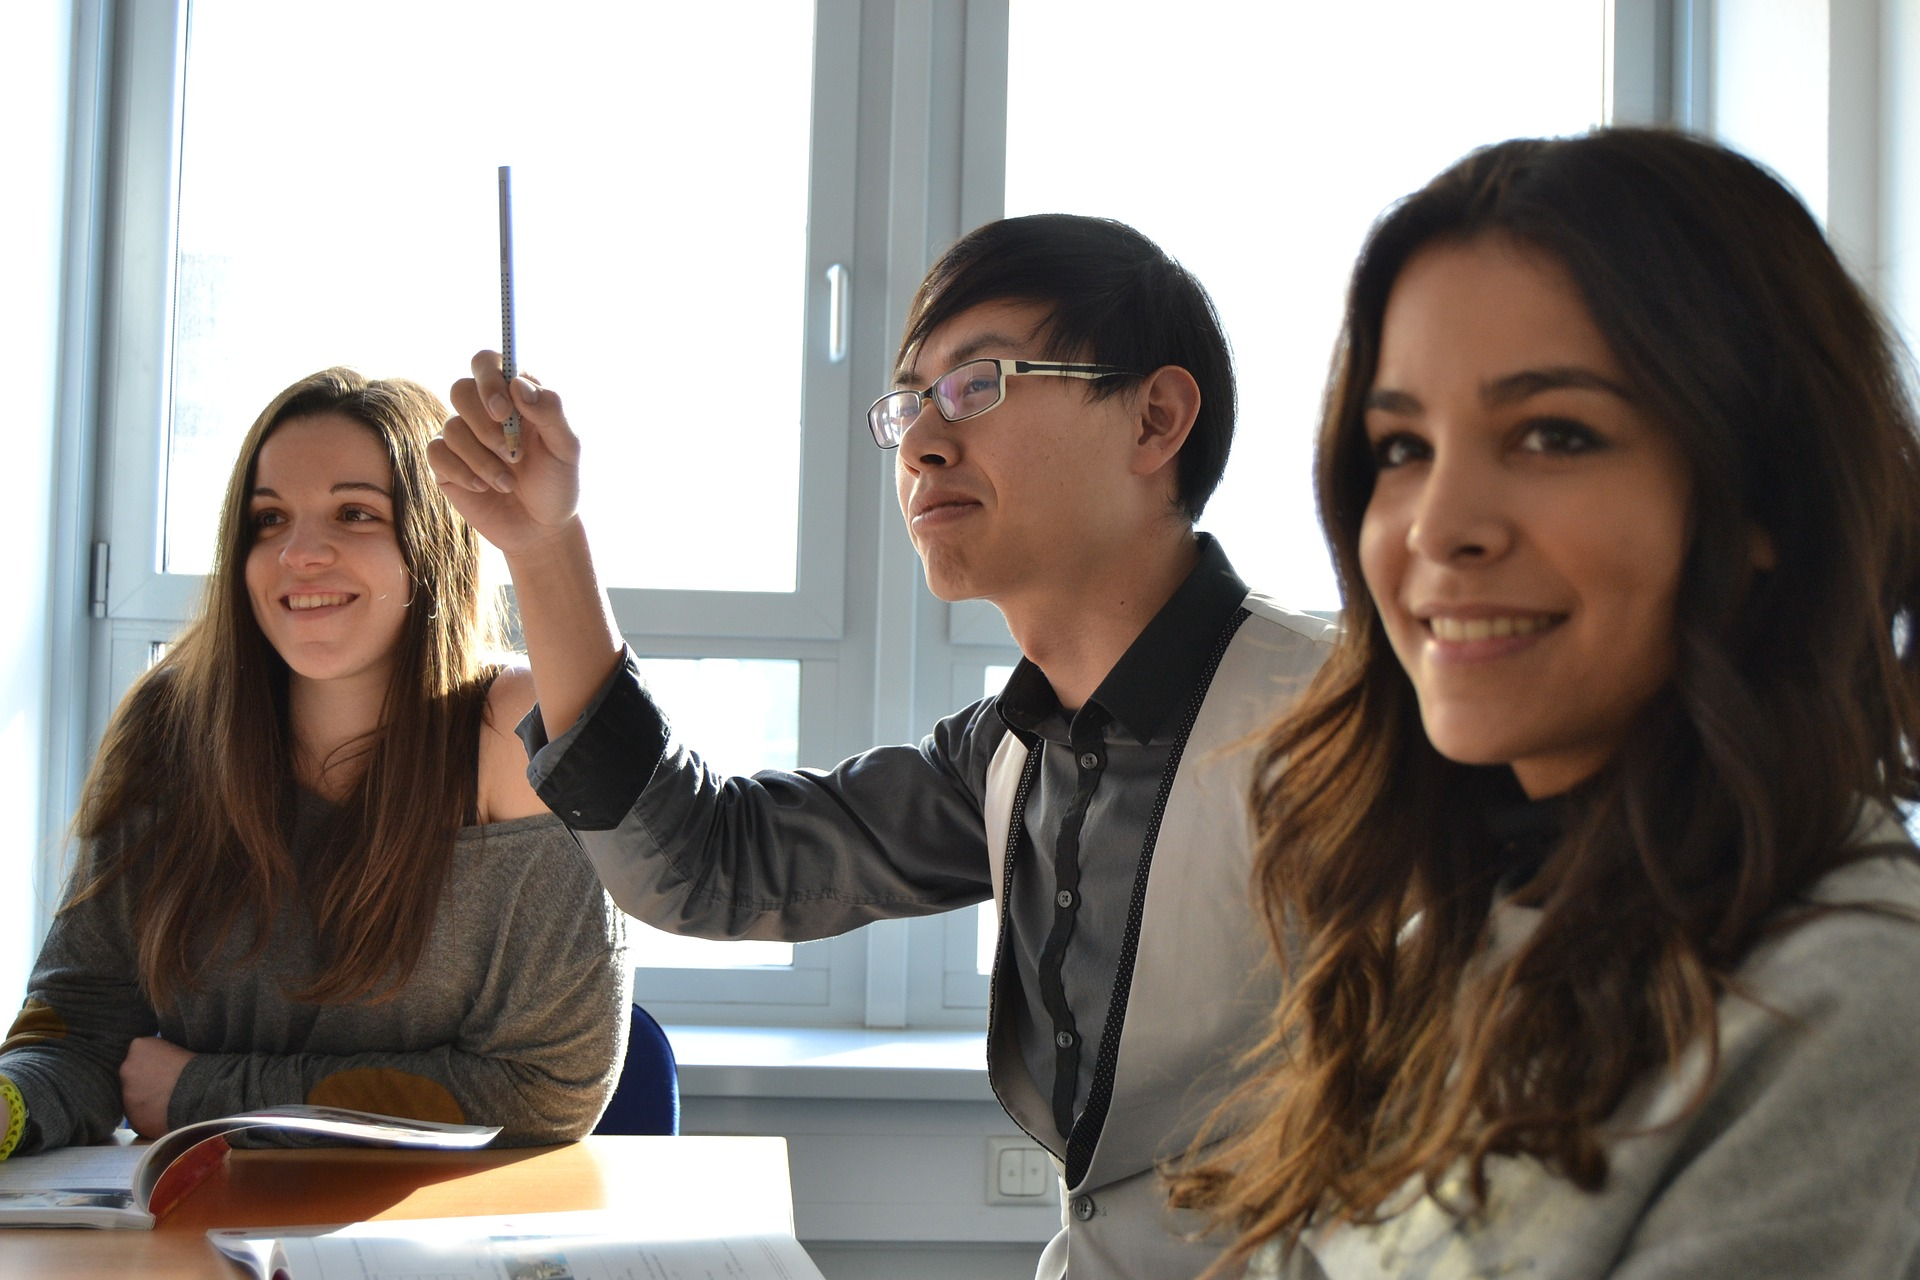 Una de las mejores formas de practicar un idioma es haciendo tandem con otros estudiantes nativos.